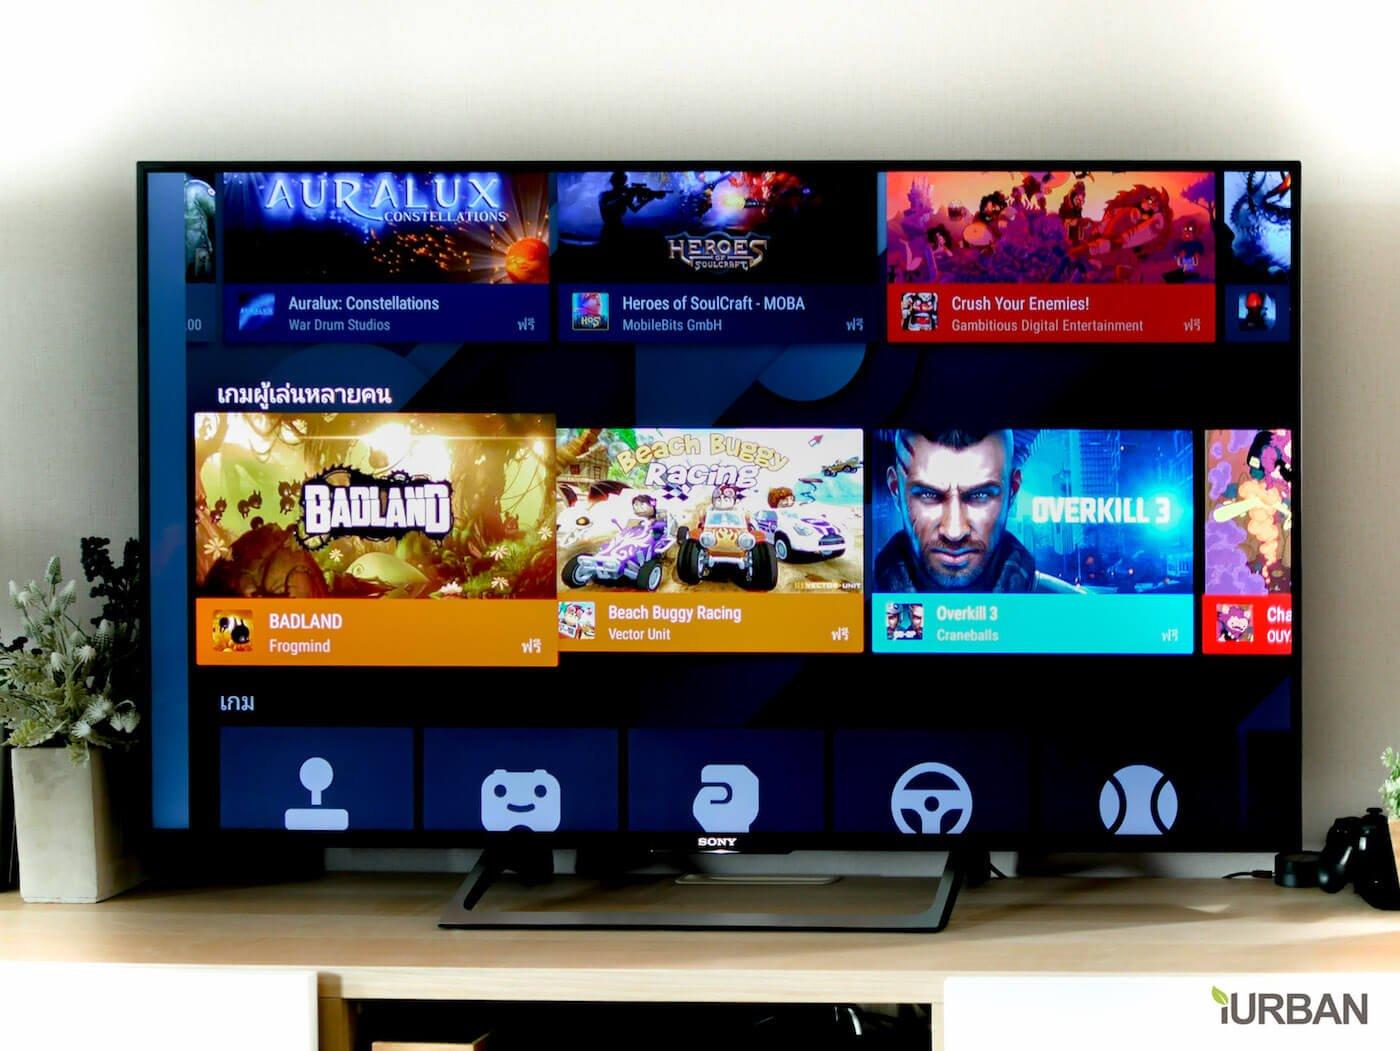 SONY X8500E 4K-HDR Android TV นวัตกรรมที่จะเปลี่ยนชีวิตกับทีวี ให้ไม่เหมือนเดิมอีกต่อไป 27 - Android